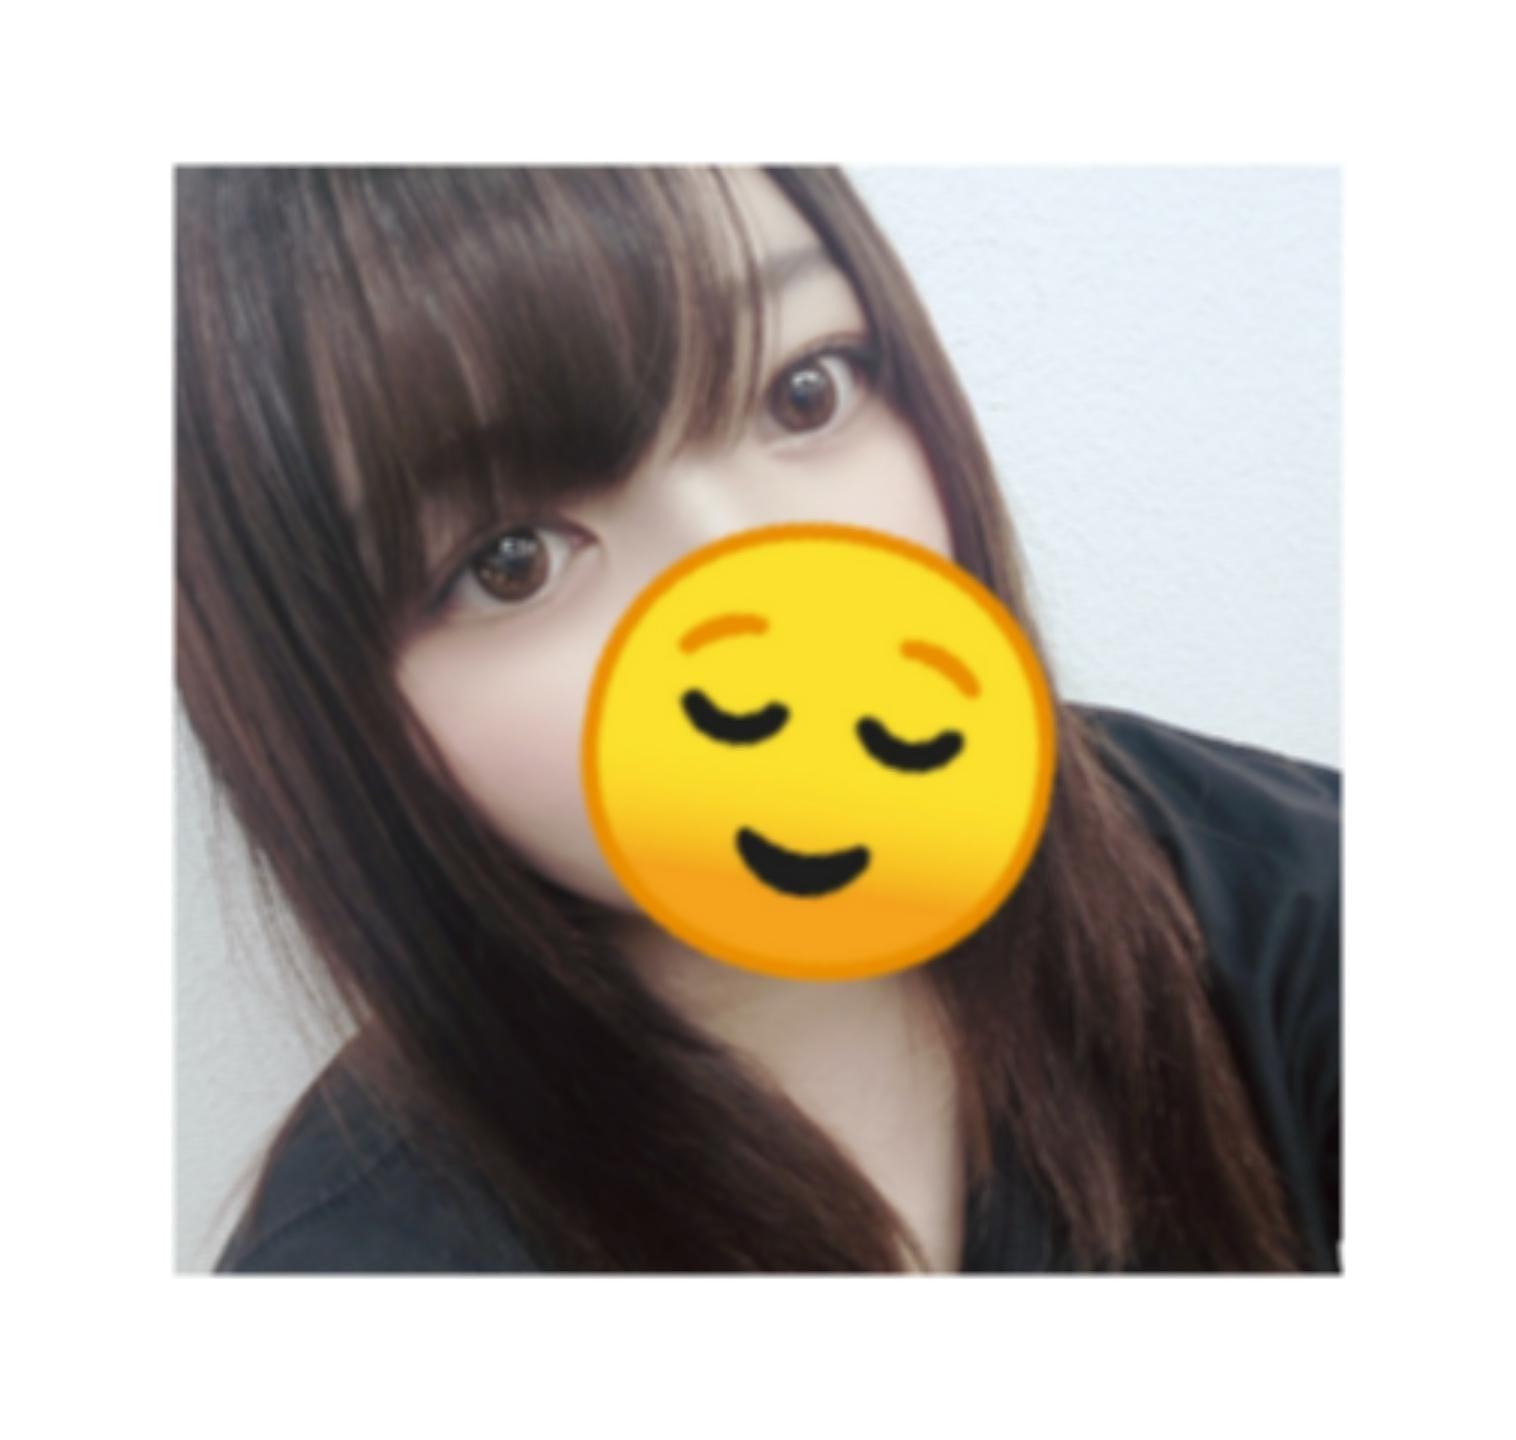 「8月4日のシーラブの60分のお兄さん」08/06(木) 02:49 | きらの写メ・風俗動画